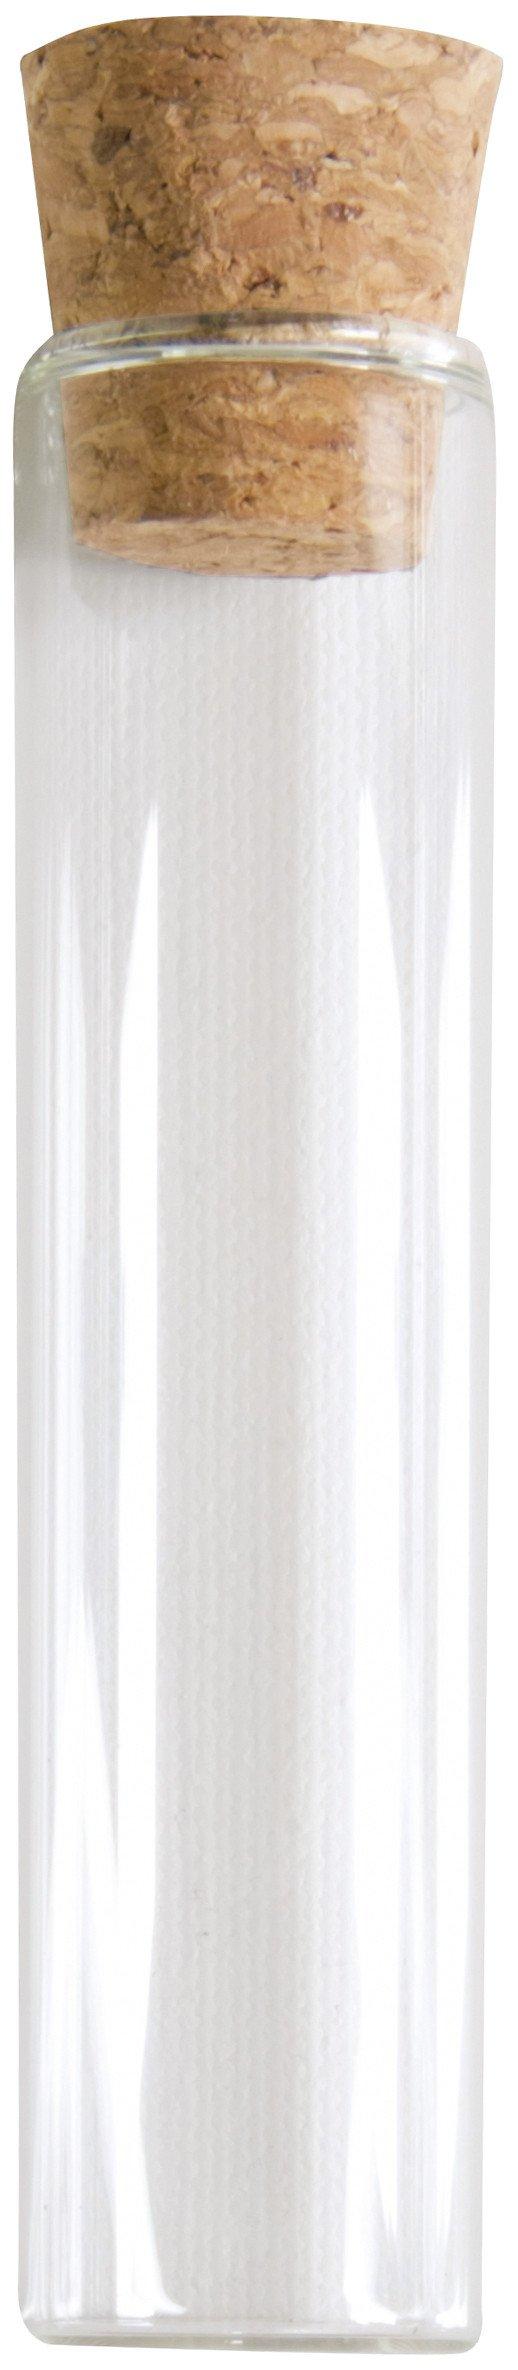 Provetta in vetro 10 cm Taglia Unica